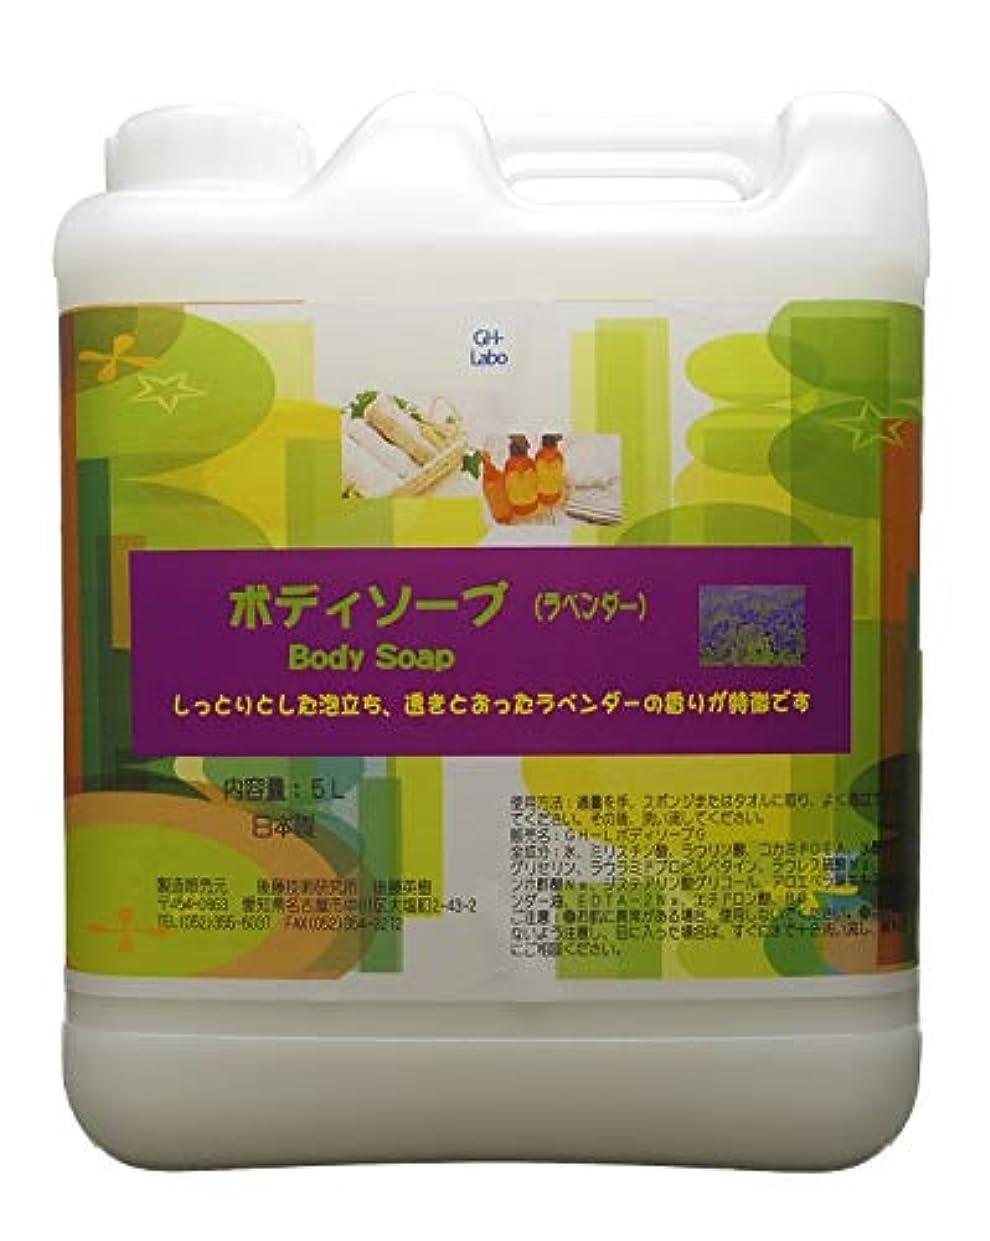 キャンセル十一プライバシーGH-Labo 業務用ボディソープ ラベンダーの香り 5L